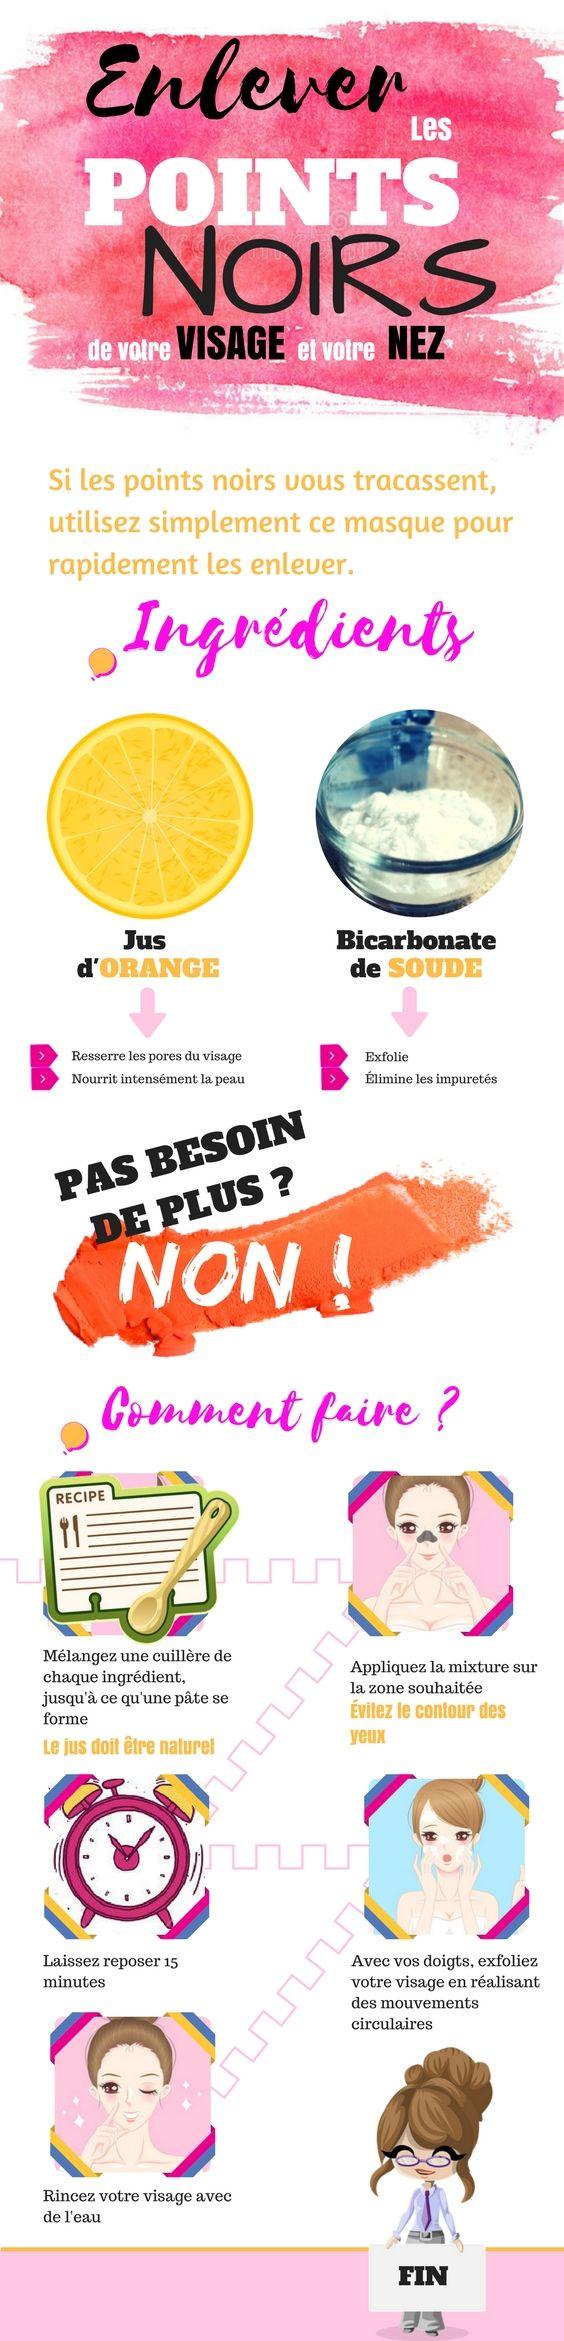 Aujourd'hui, nous allons partager avec vous un masque simple (mais puissant) pour vous aider à vous débarrasser de vos points noirs. Vous avez juste besoin de jus de citron et de bicarbonate de soude. Appliquez ce maque pendant 15 minutes, puis rincez votre visage à l'eau. Vous pouvez faire ce masque jusqu'à trois à quatre fois par semaine. Voici une infographie vous expliquant comment faire. #astuces #astucesbeaute #pointsnoirs #visage #nez #peau #enleverlespointsnoirs